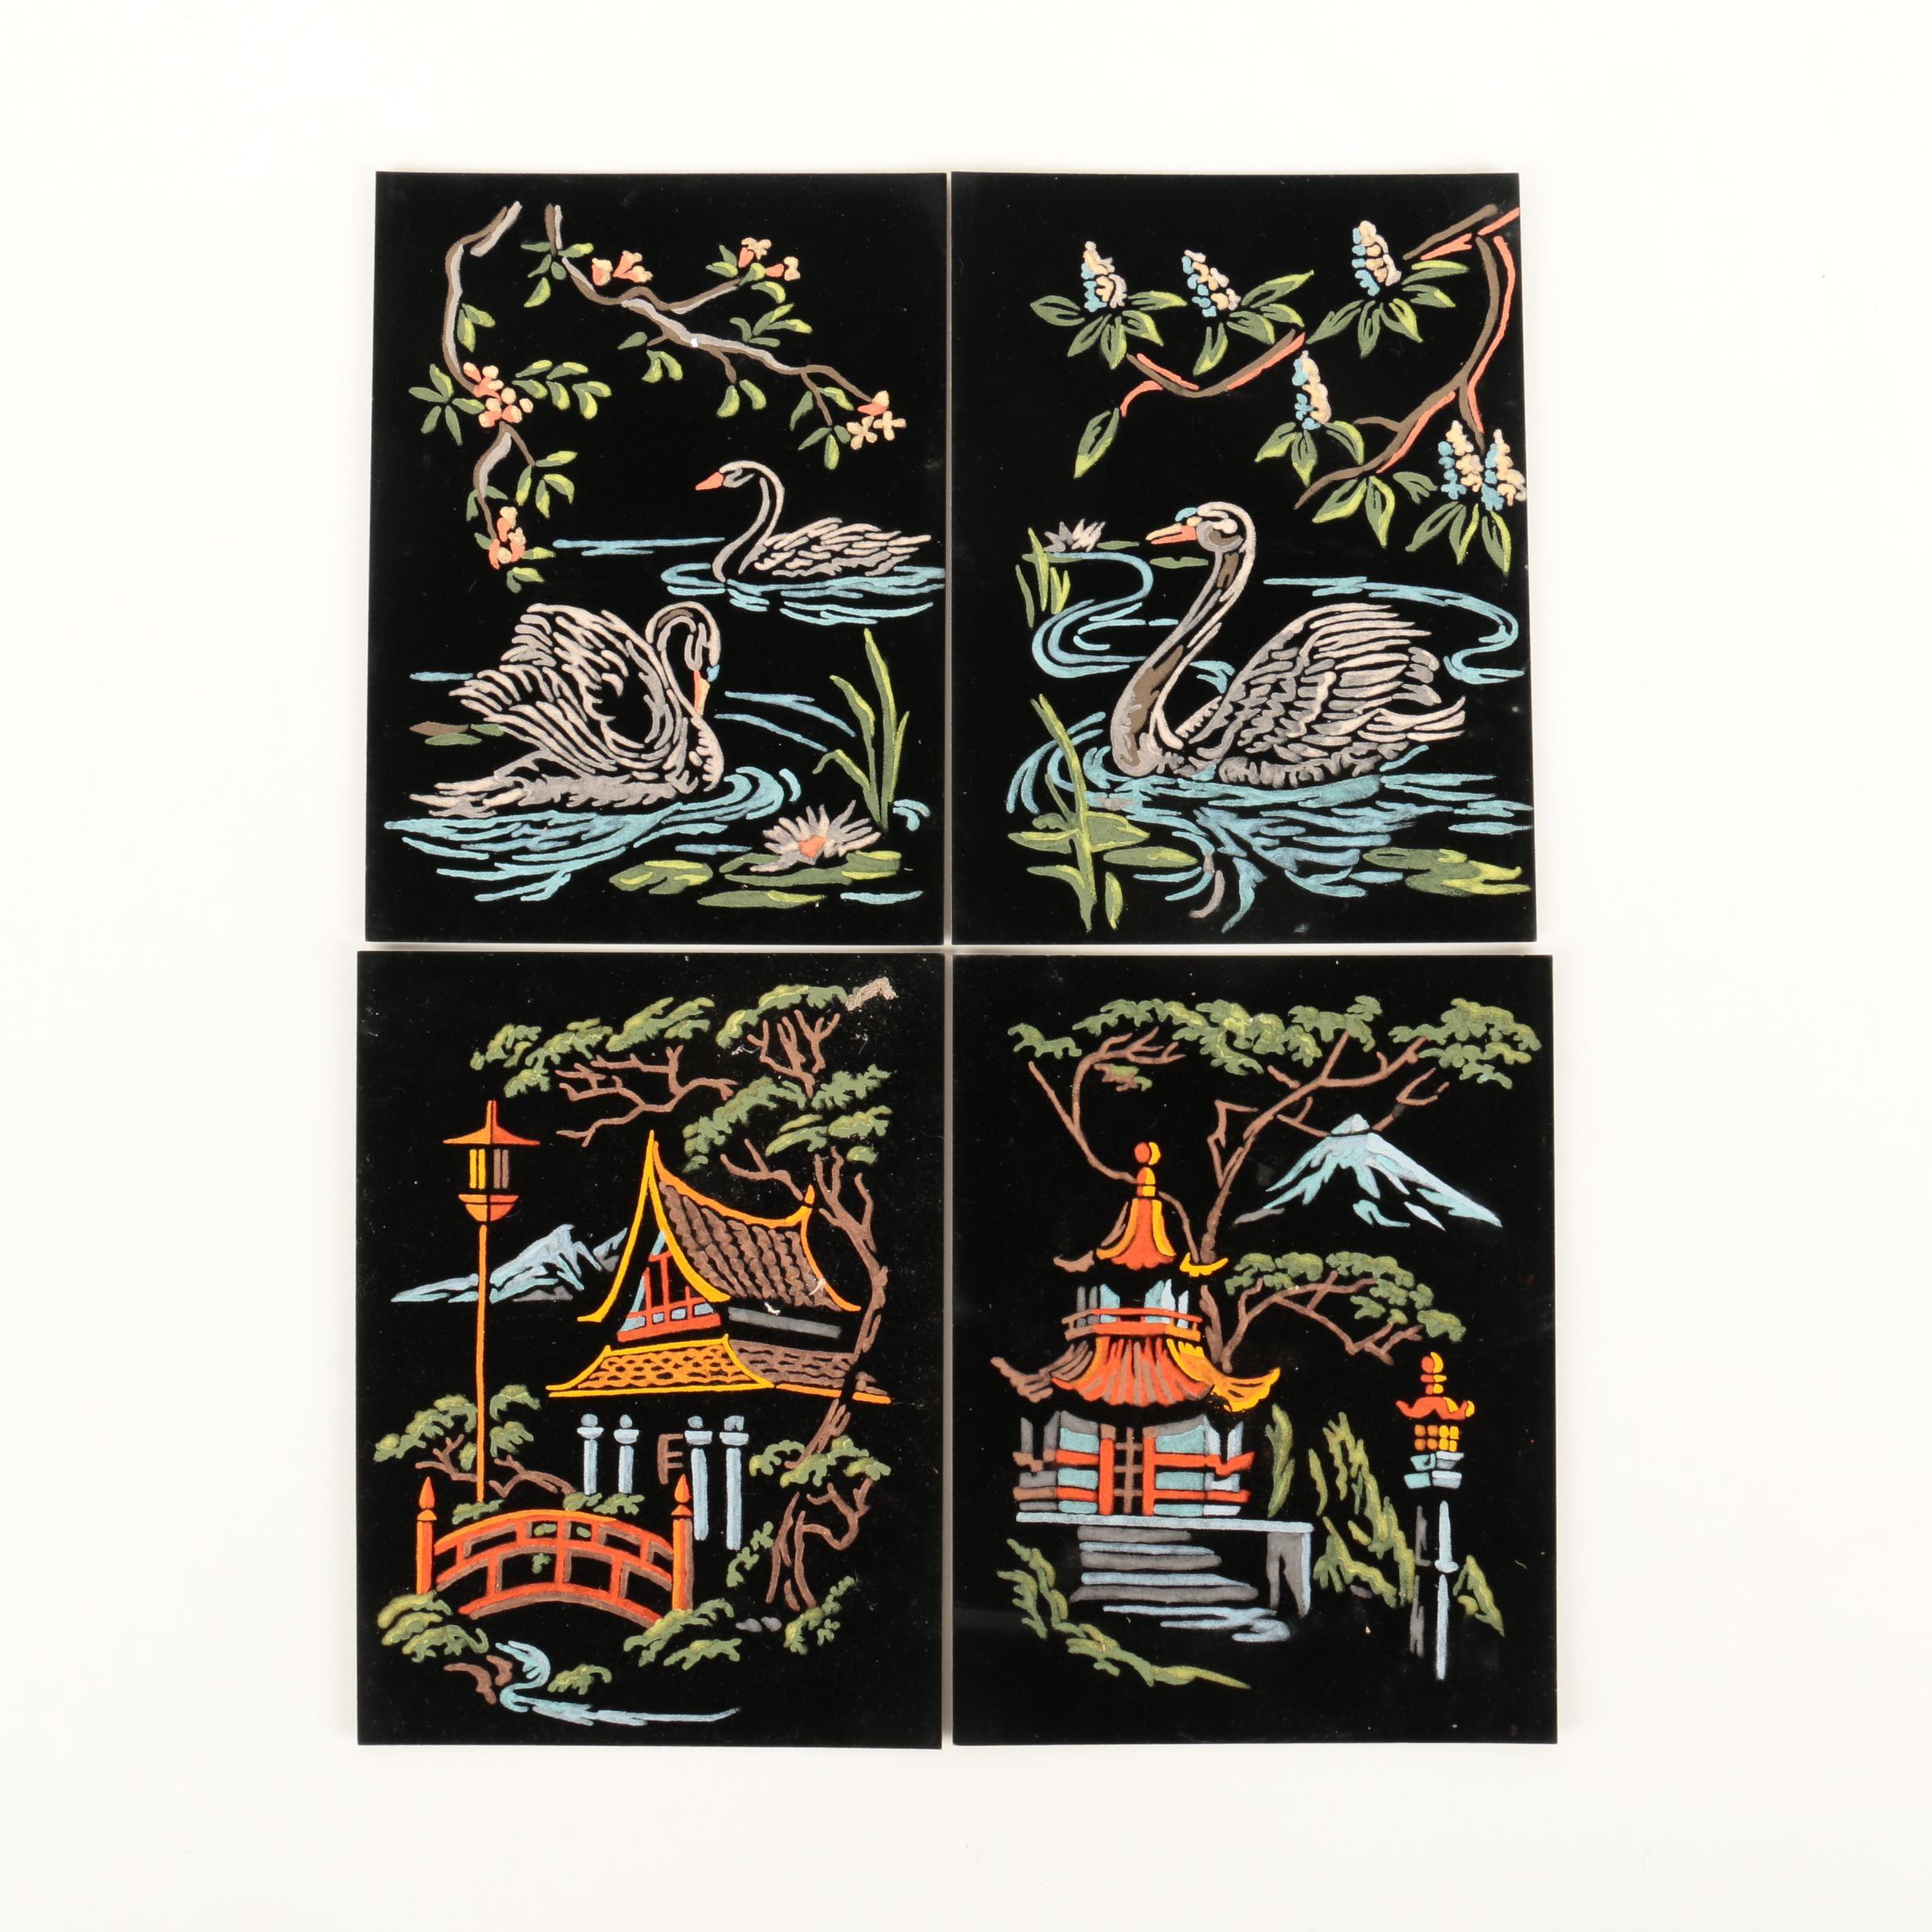 East Asian Inspired Gouache Paintings on Black Velvet